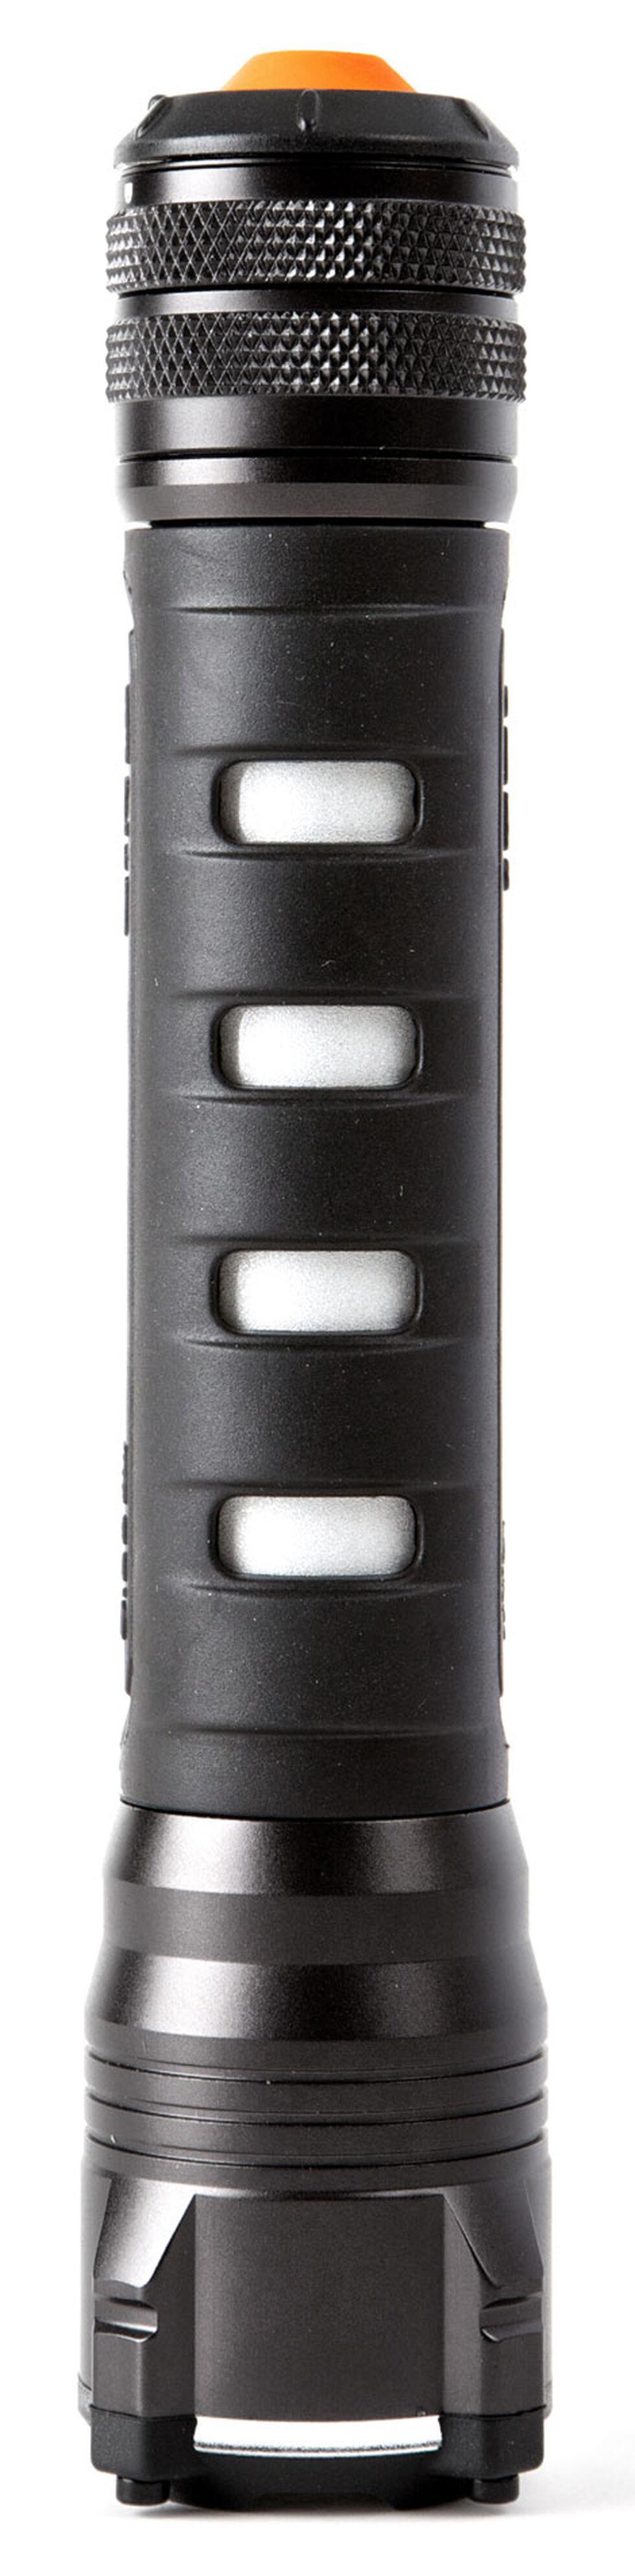 5.11 Tactical S+R A2 Flashlight, Black, hi-res